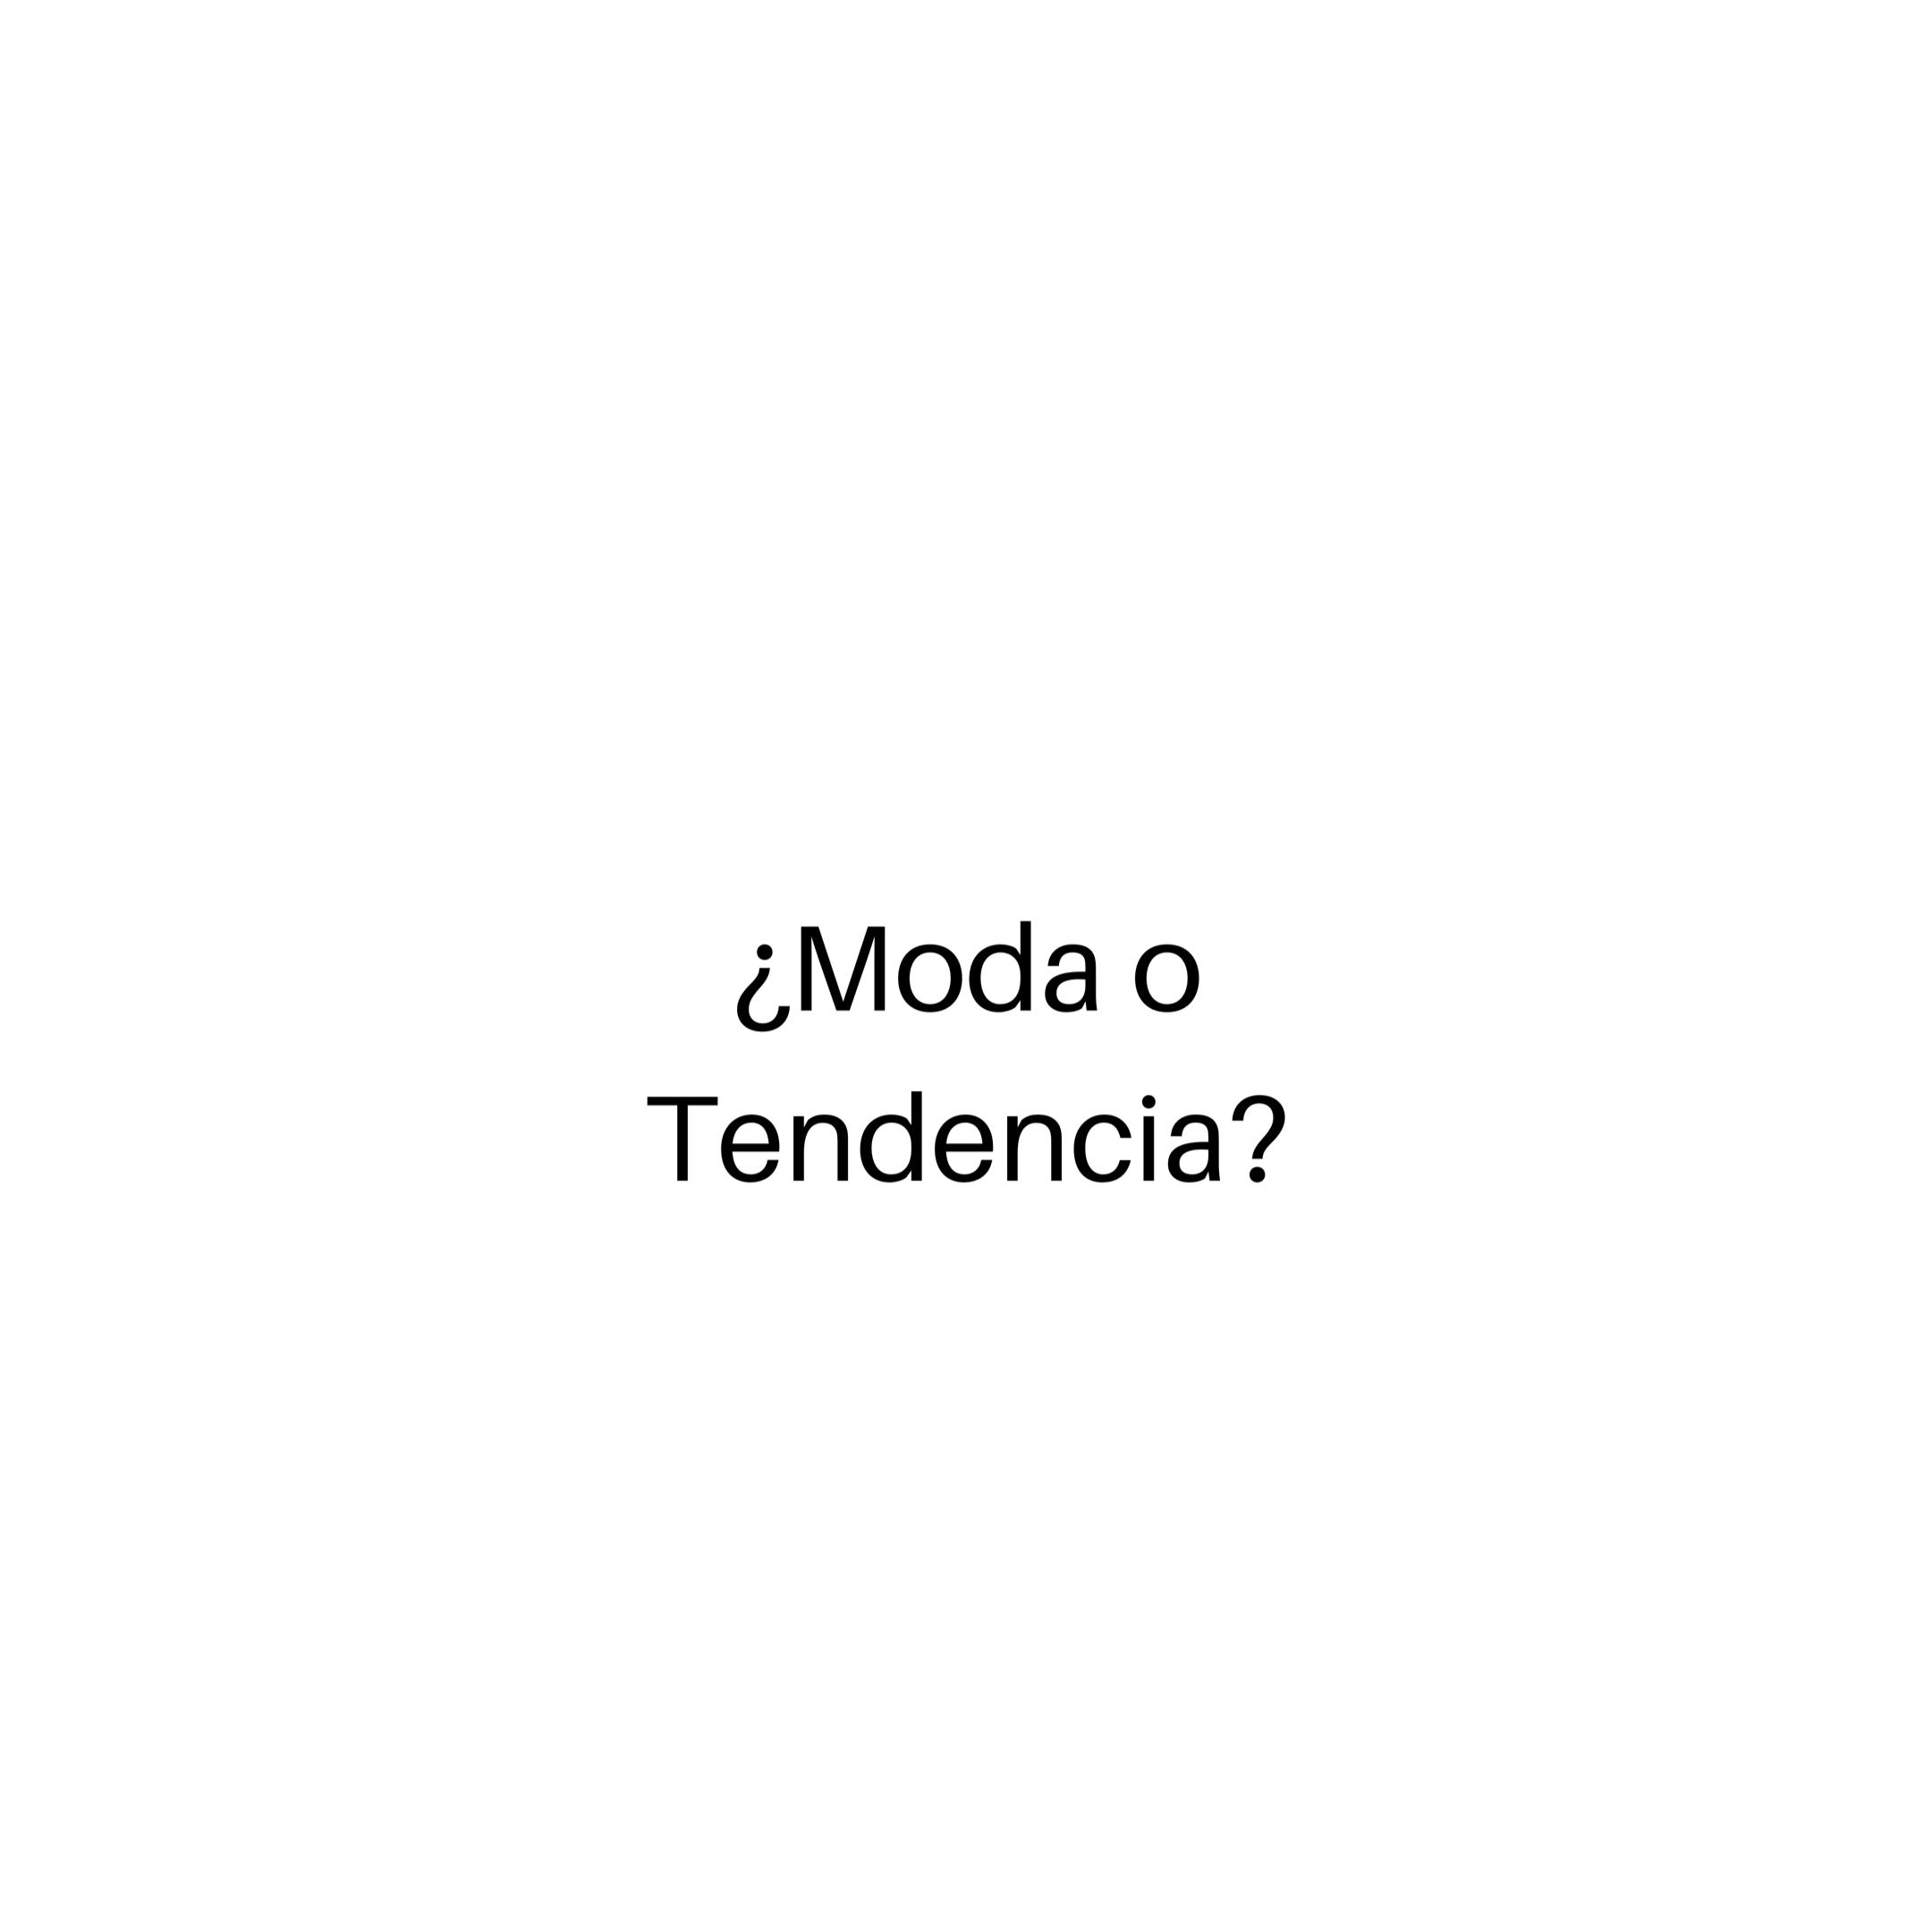 ¿MODA O TENDENCIA?